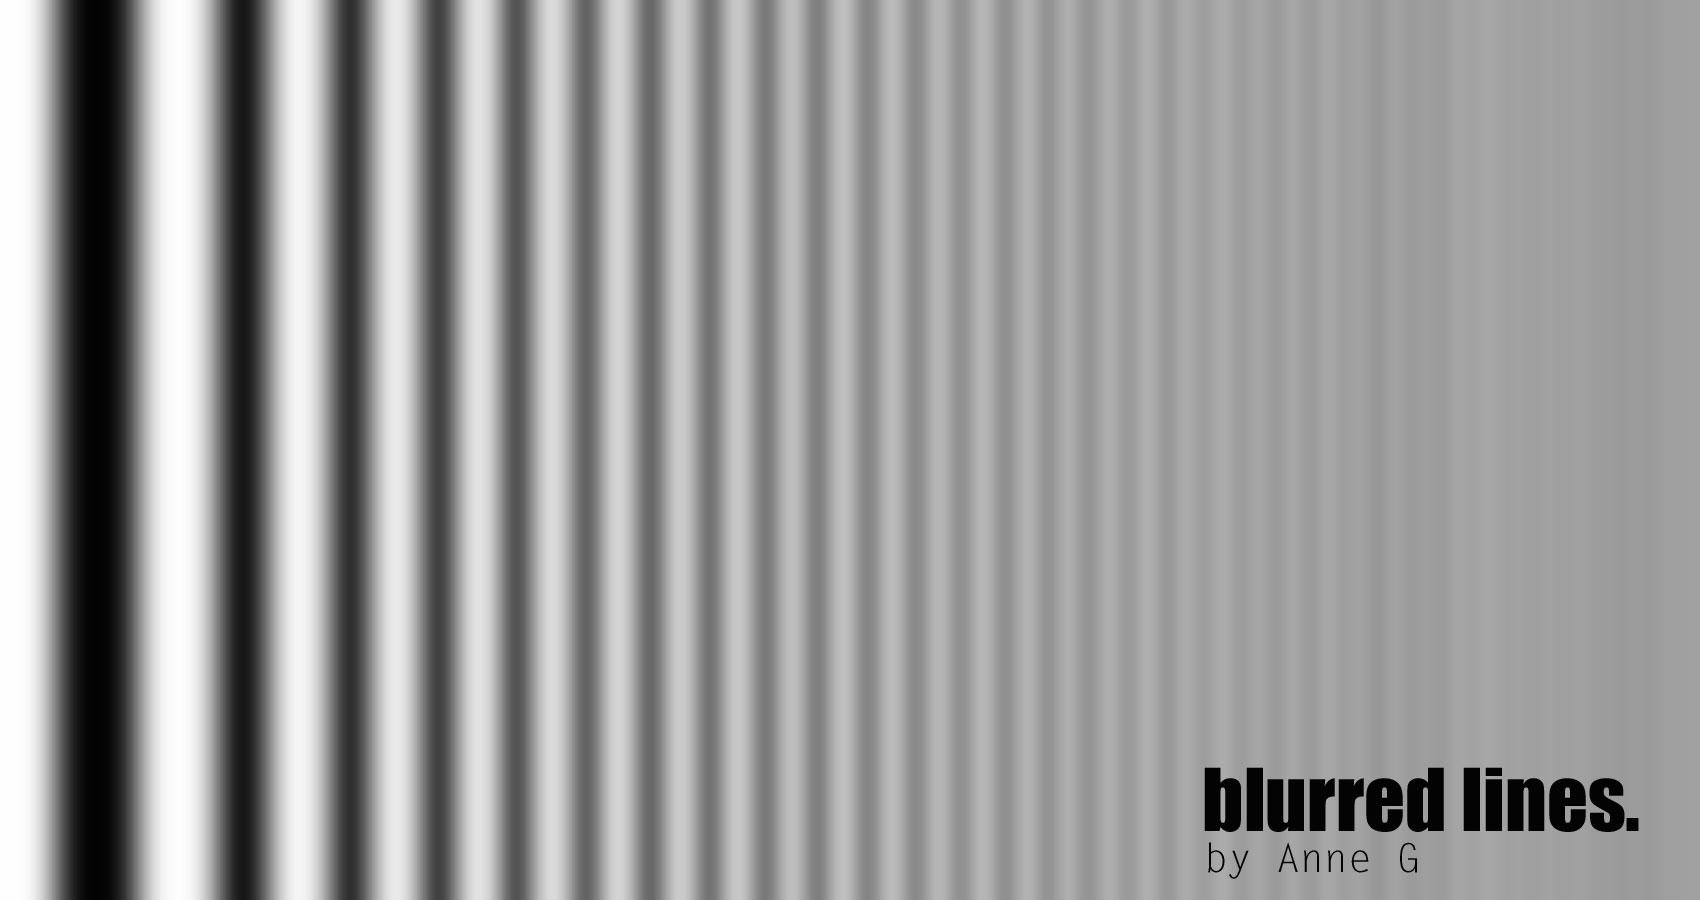 Blurred Lines at Spillwords.com